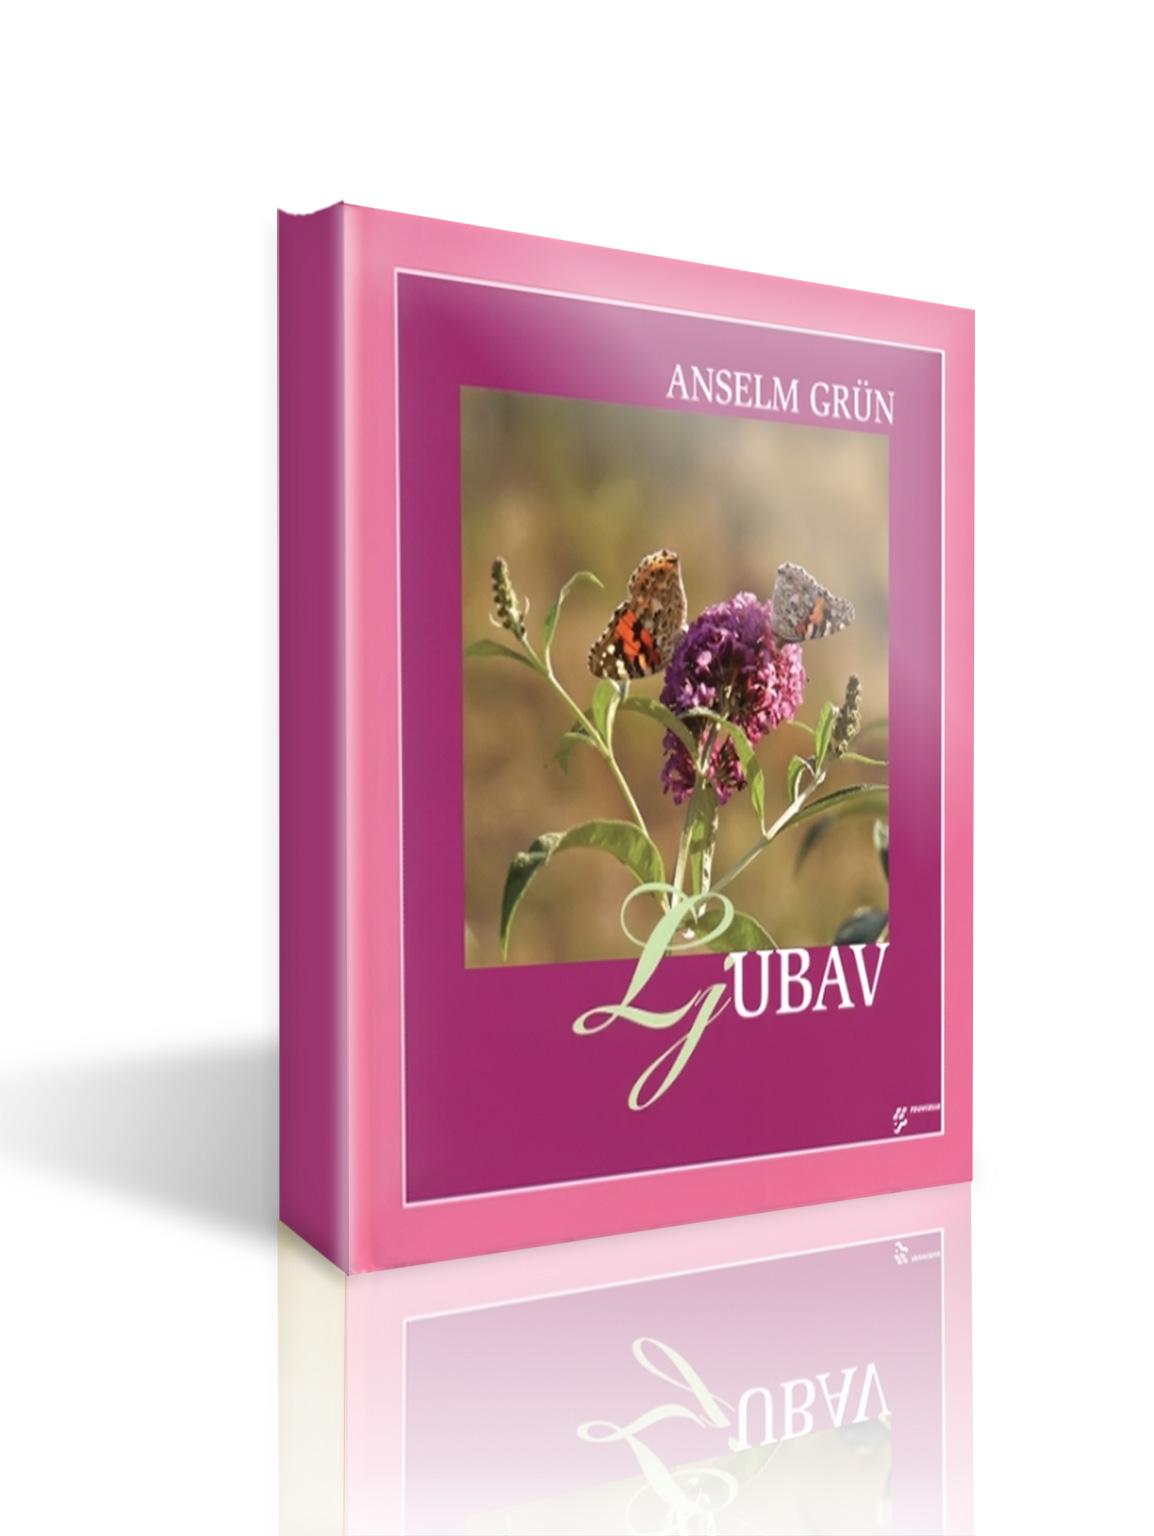 LJUBAV- Anselm Grün